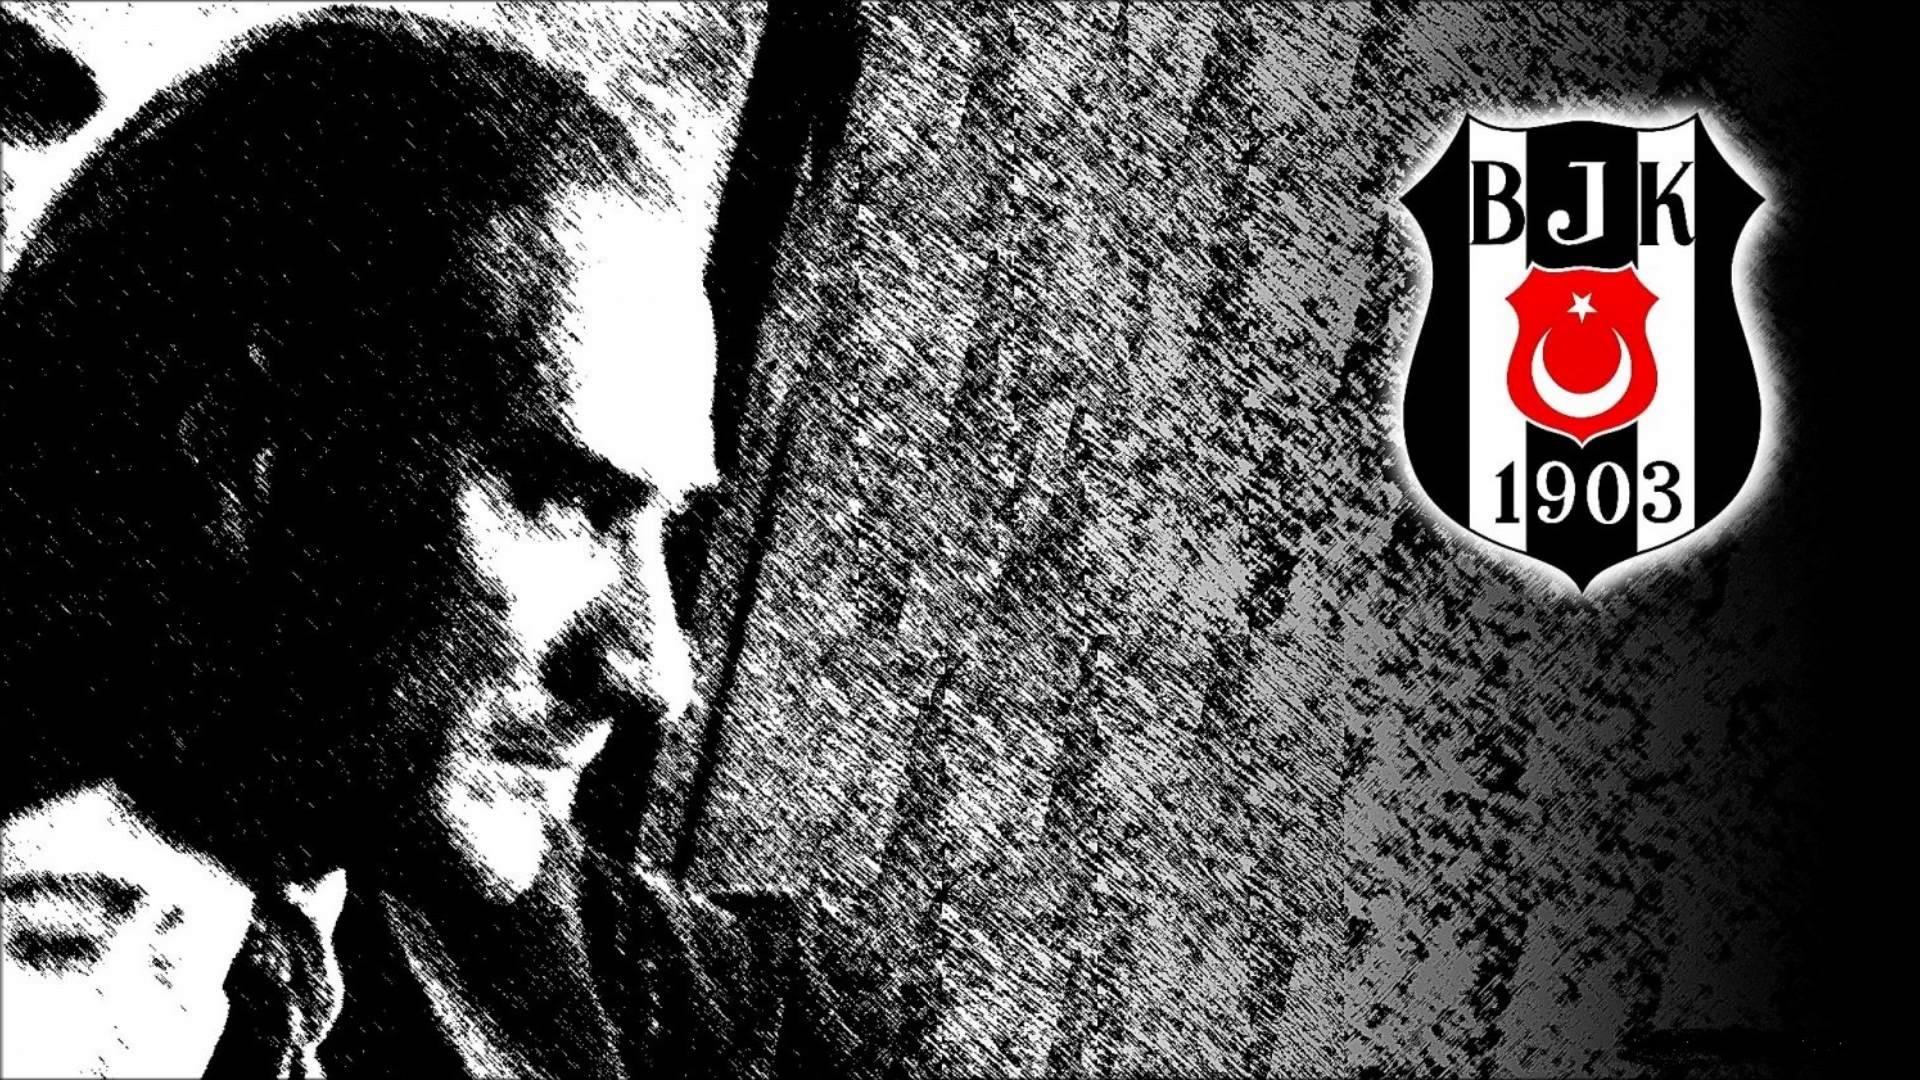 Hintergrundbilder Schwarz Illustration Einfarbig Fußballvereine